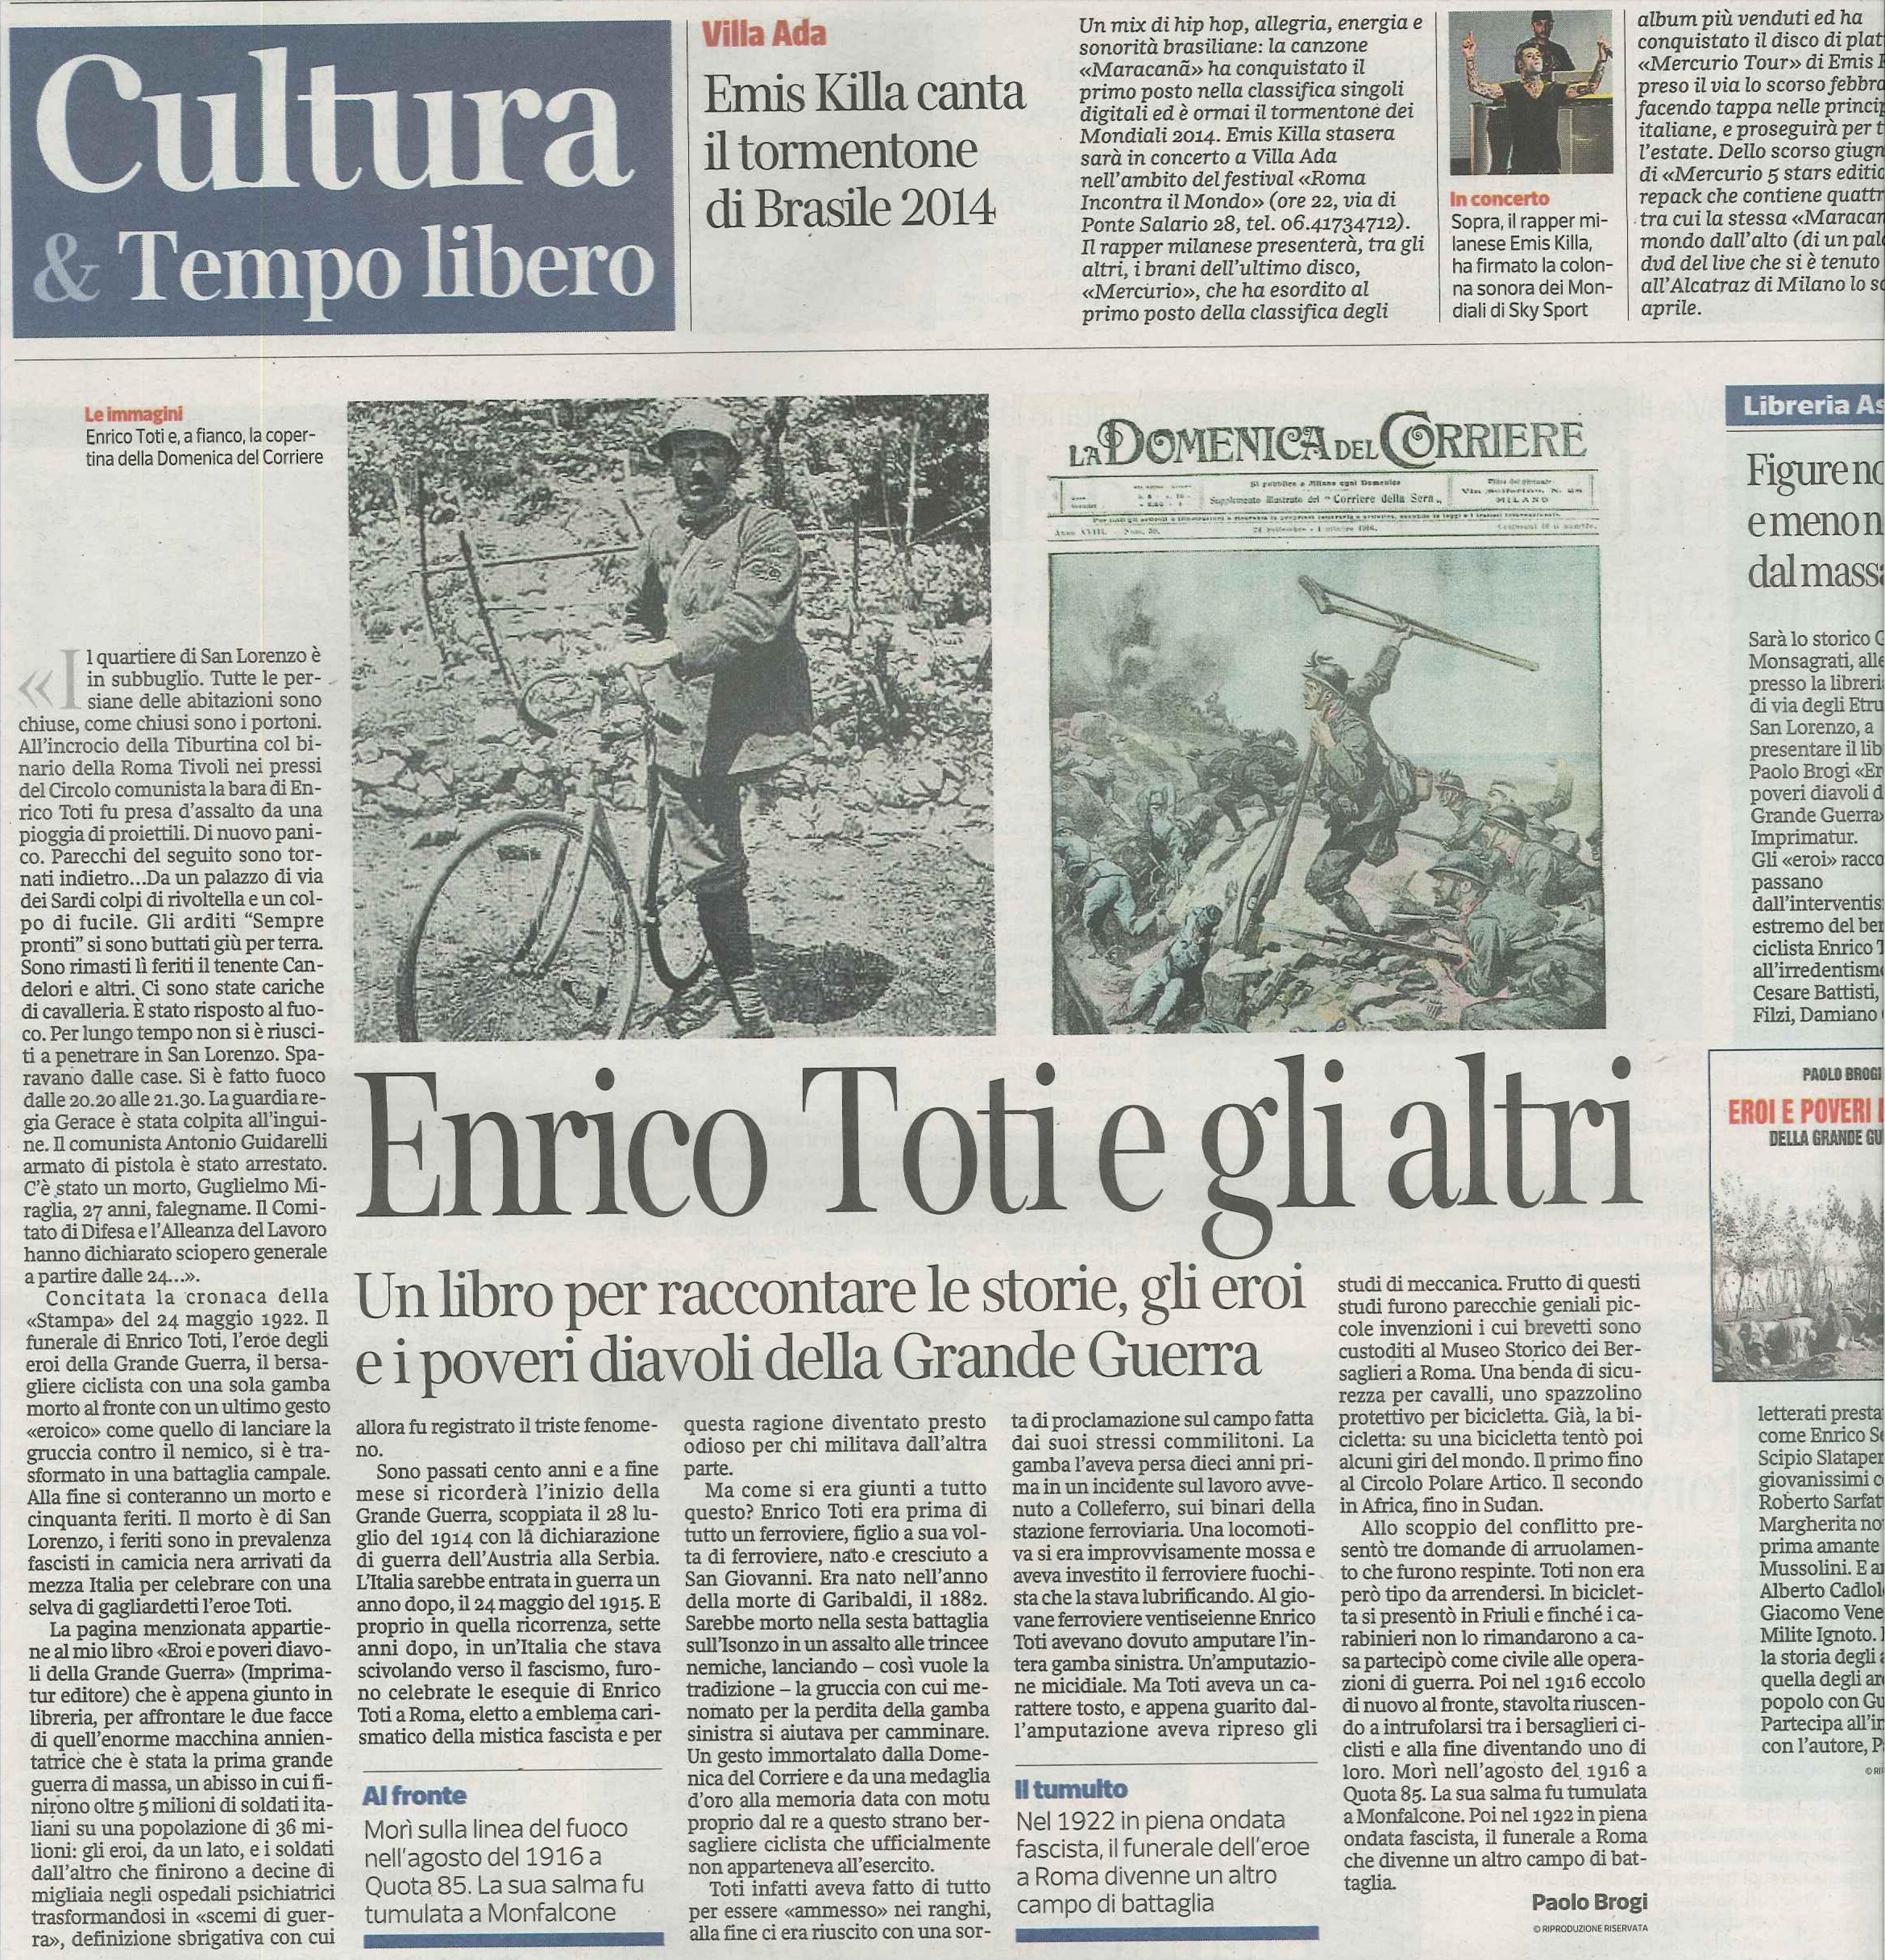 Corriere della sera 10 luglio 2014 pagina di apertura della sezione cultura delle pagine romane